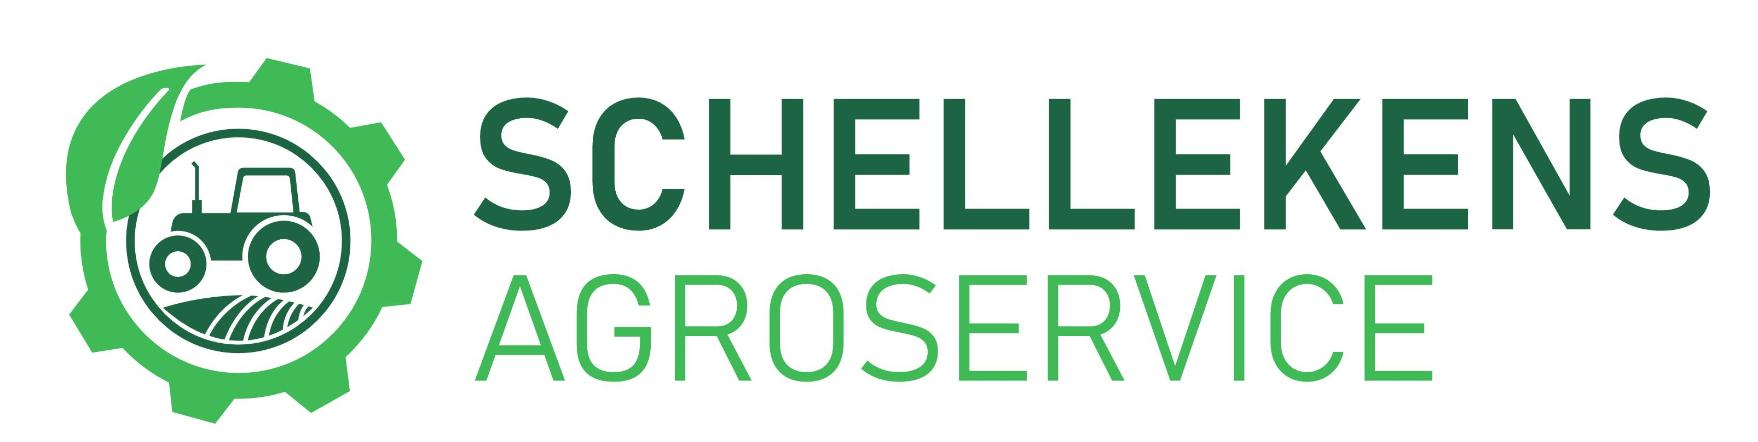 Schellekens Agroservice